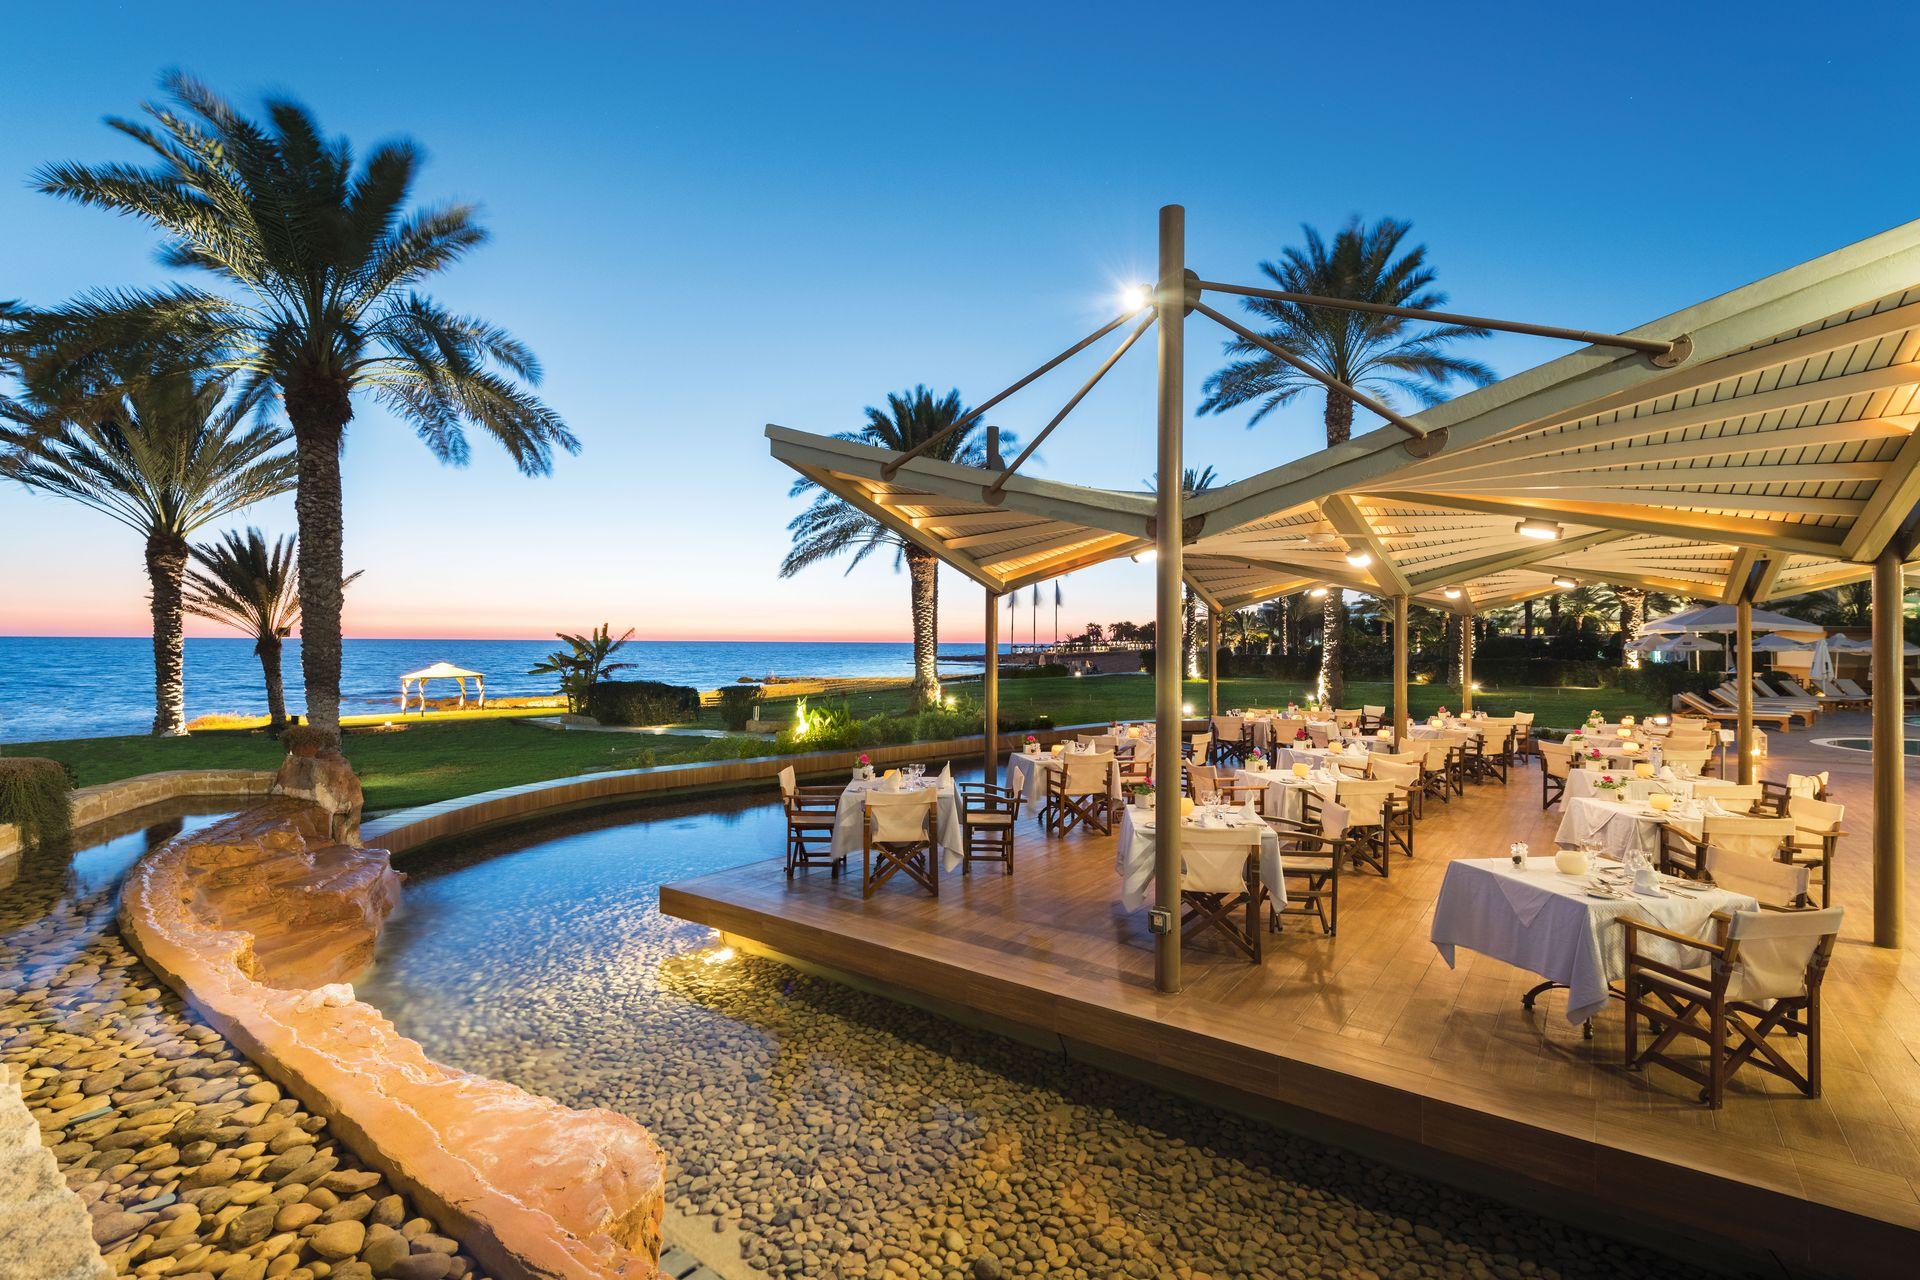 Adonis Restaurant - Mediterranean